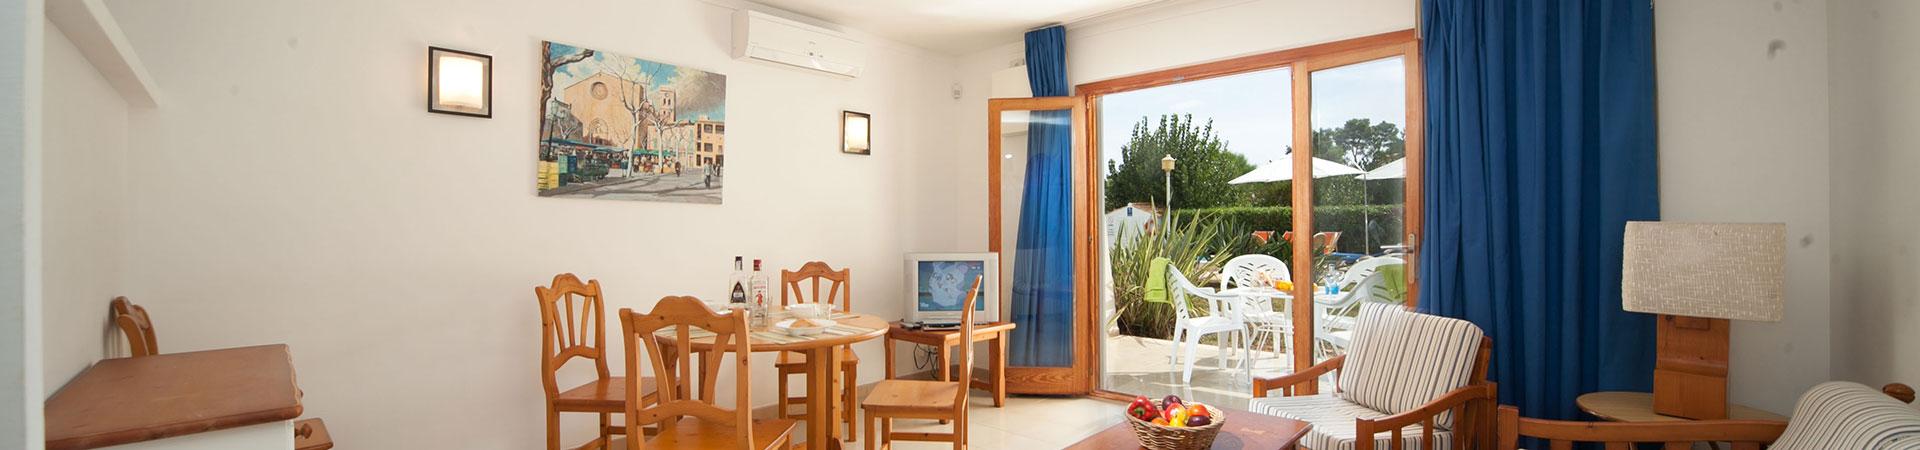 Apartamentos LEO - Central de Reservas Tourist services Puerto de Pollensa Balears, Illes